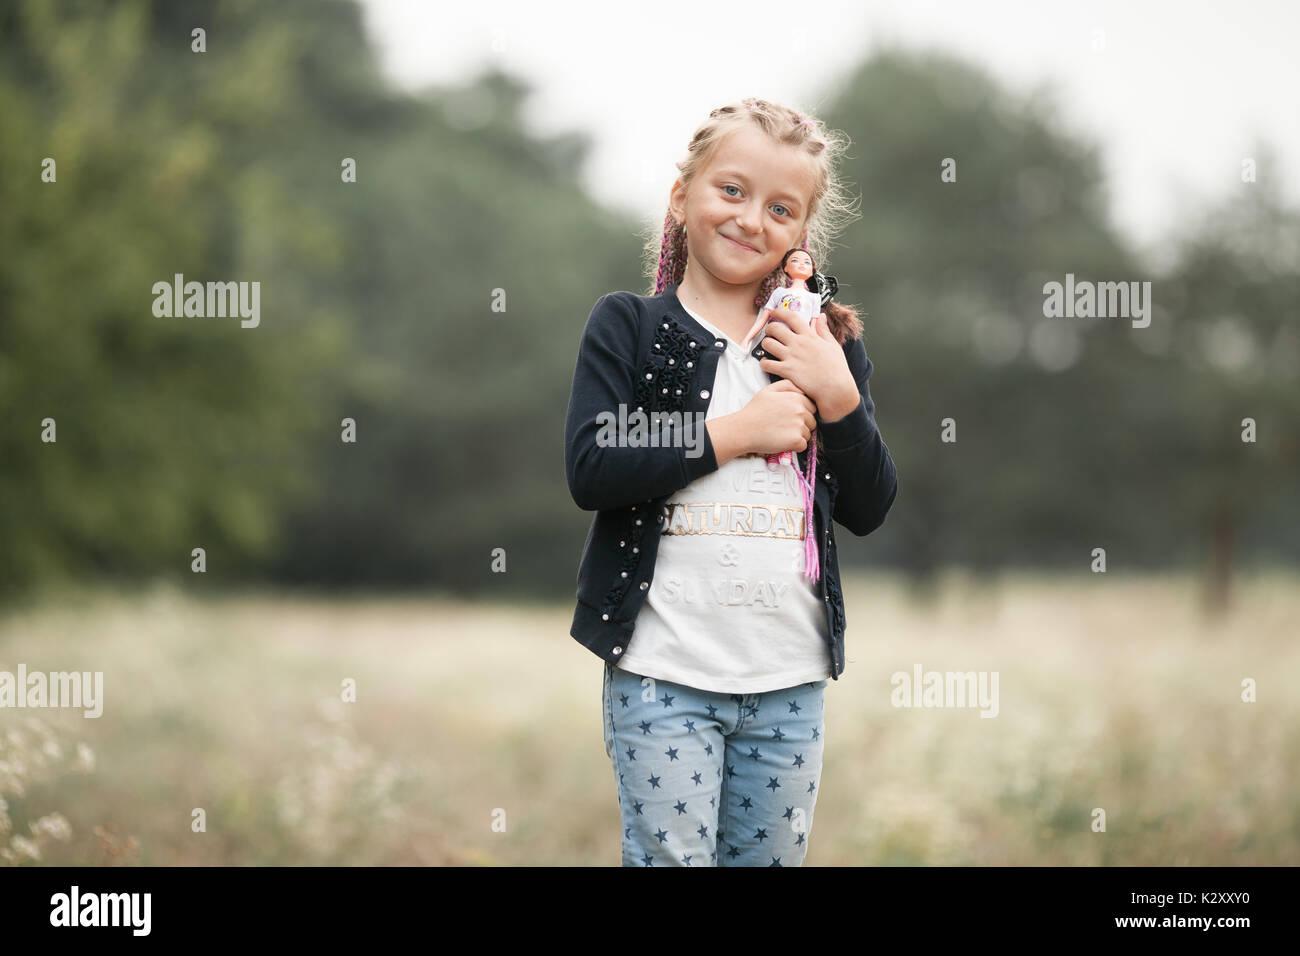 Enfant fille avec des tresses sourit et joue avec sa poupée sur marche. Photo Stock